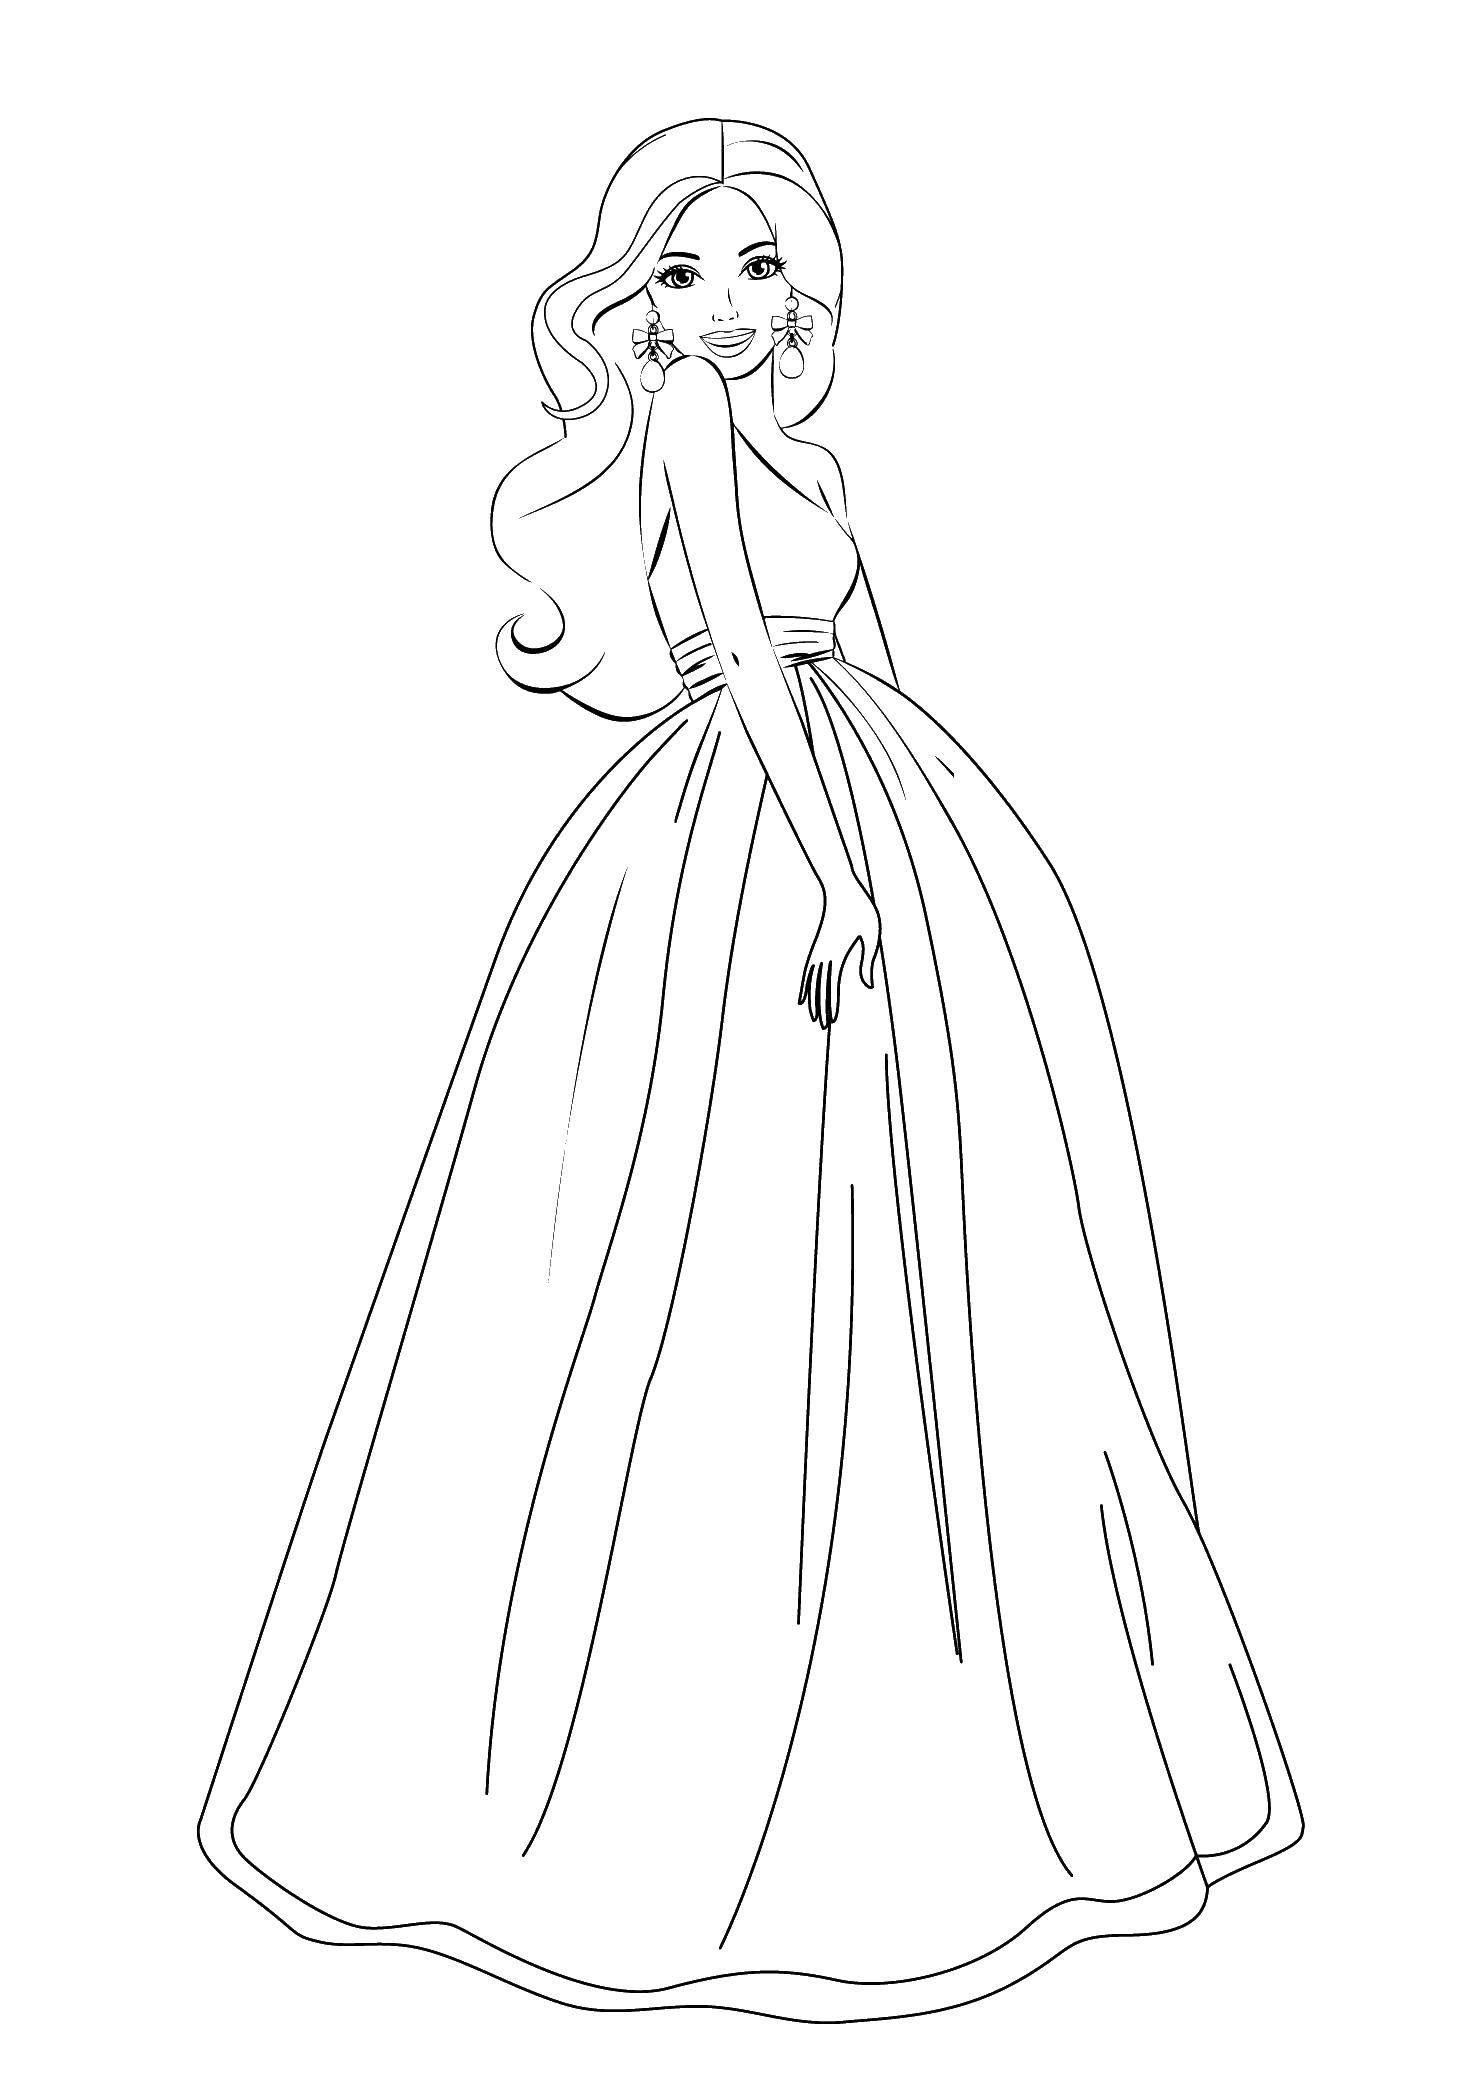 Раскраска Девушка в платье Скачать ,девушка, платье, серьги,.  Распечатать